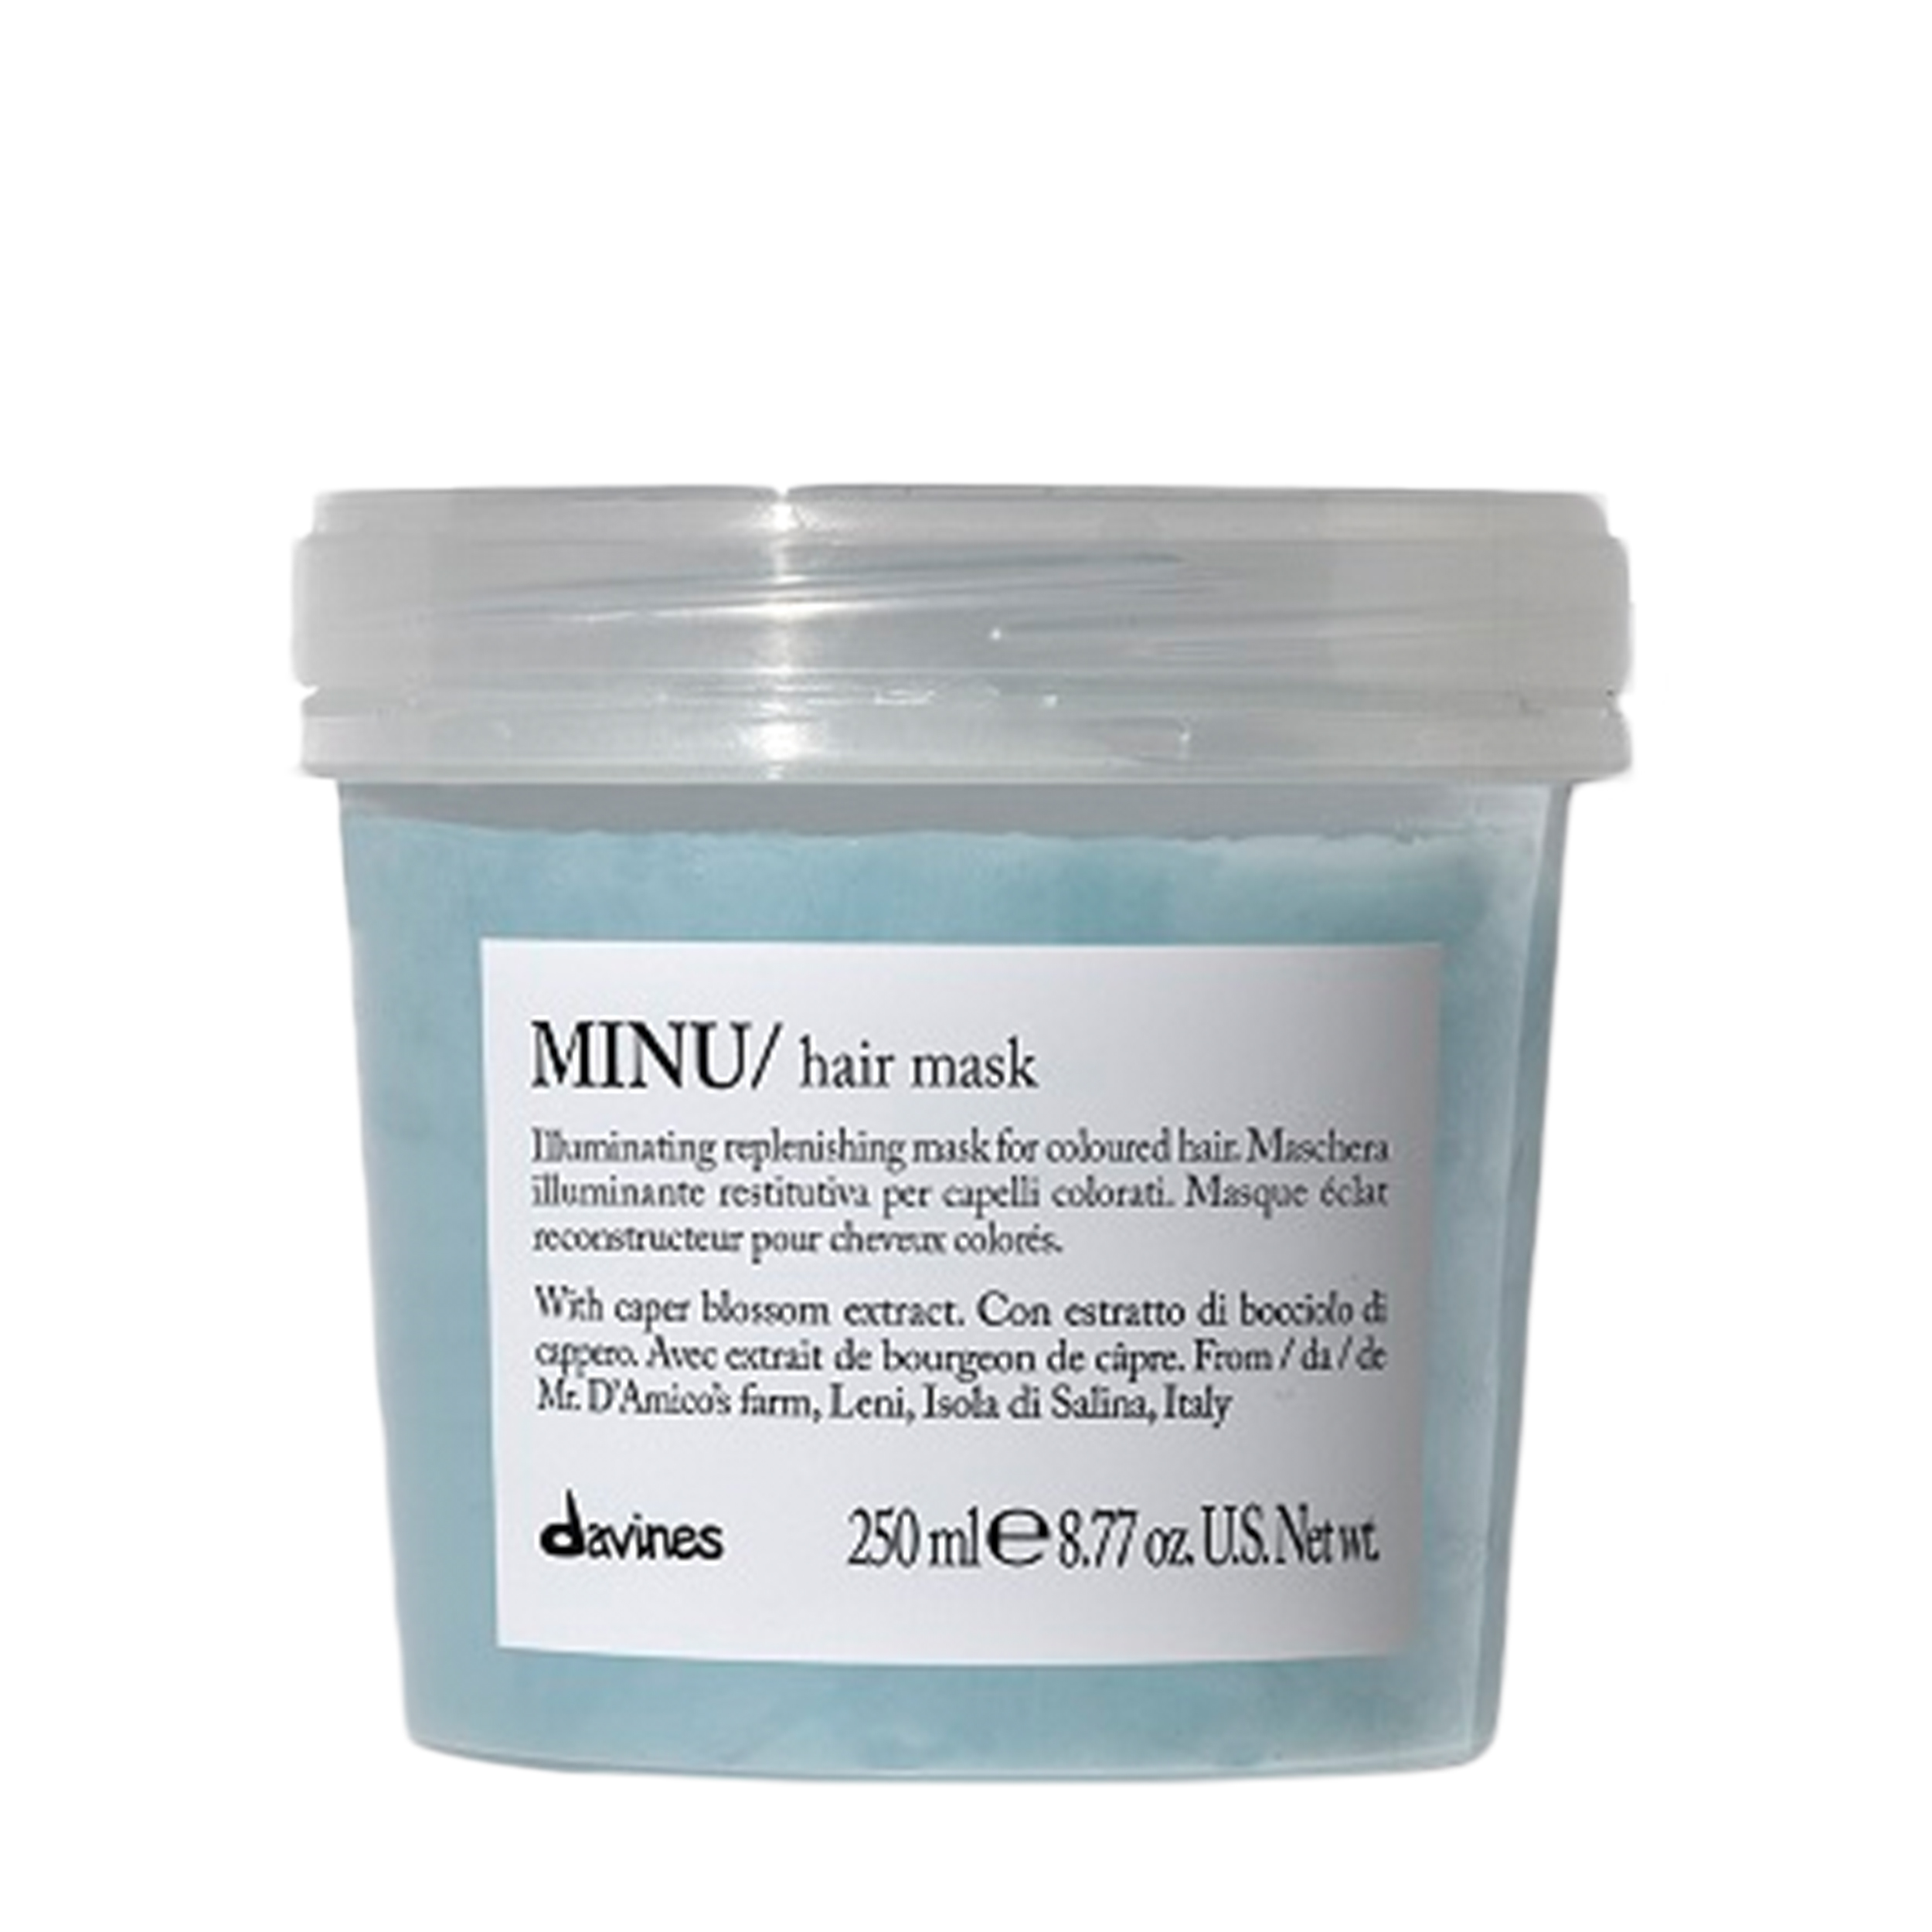 Davines Маска для окрашенных волос «MINU» 250 мл фото